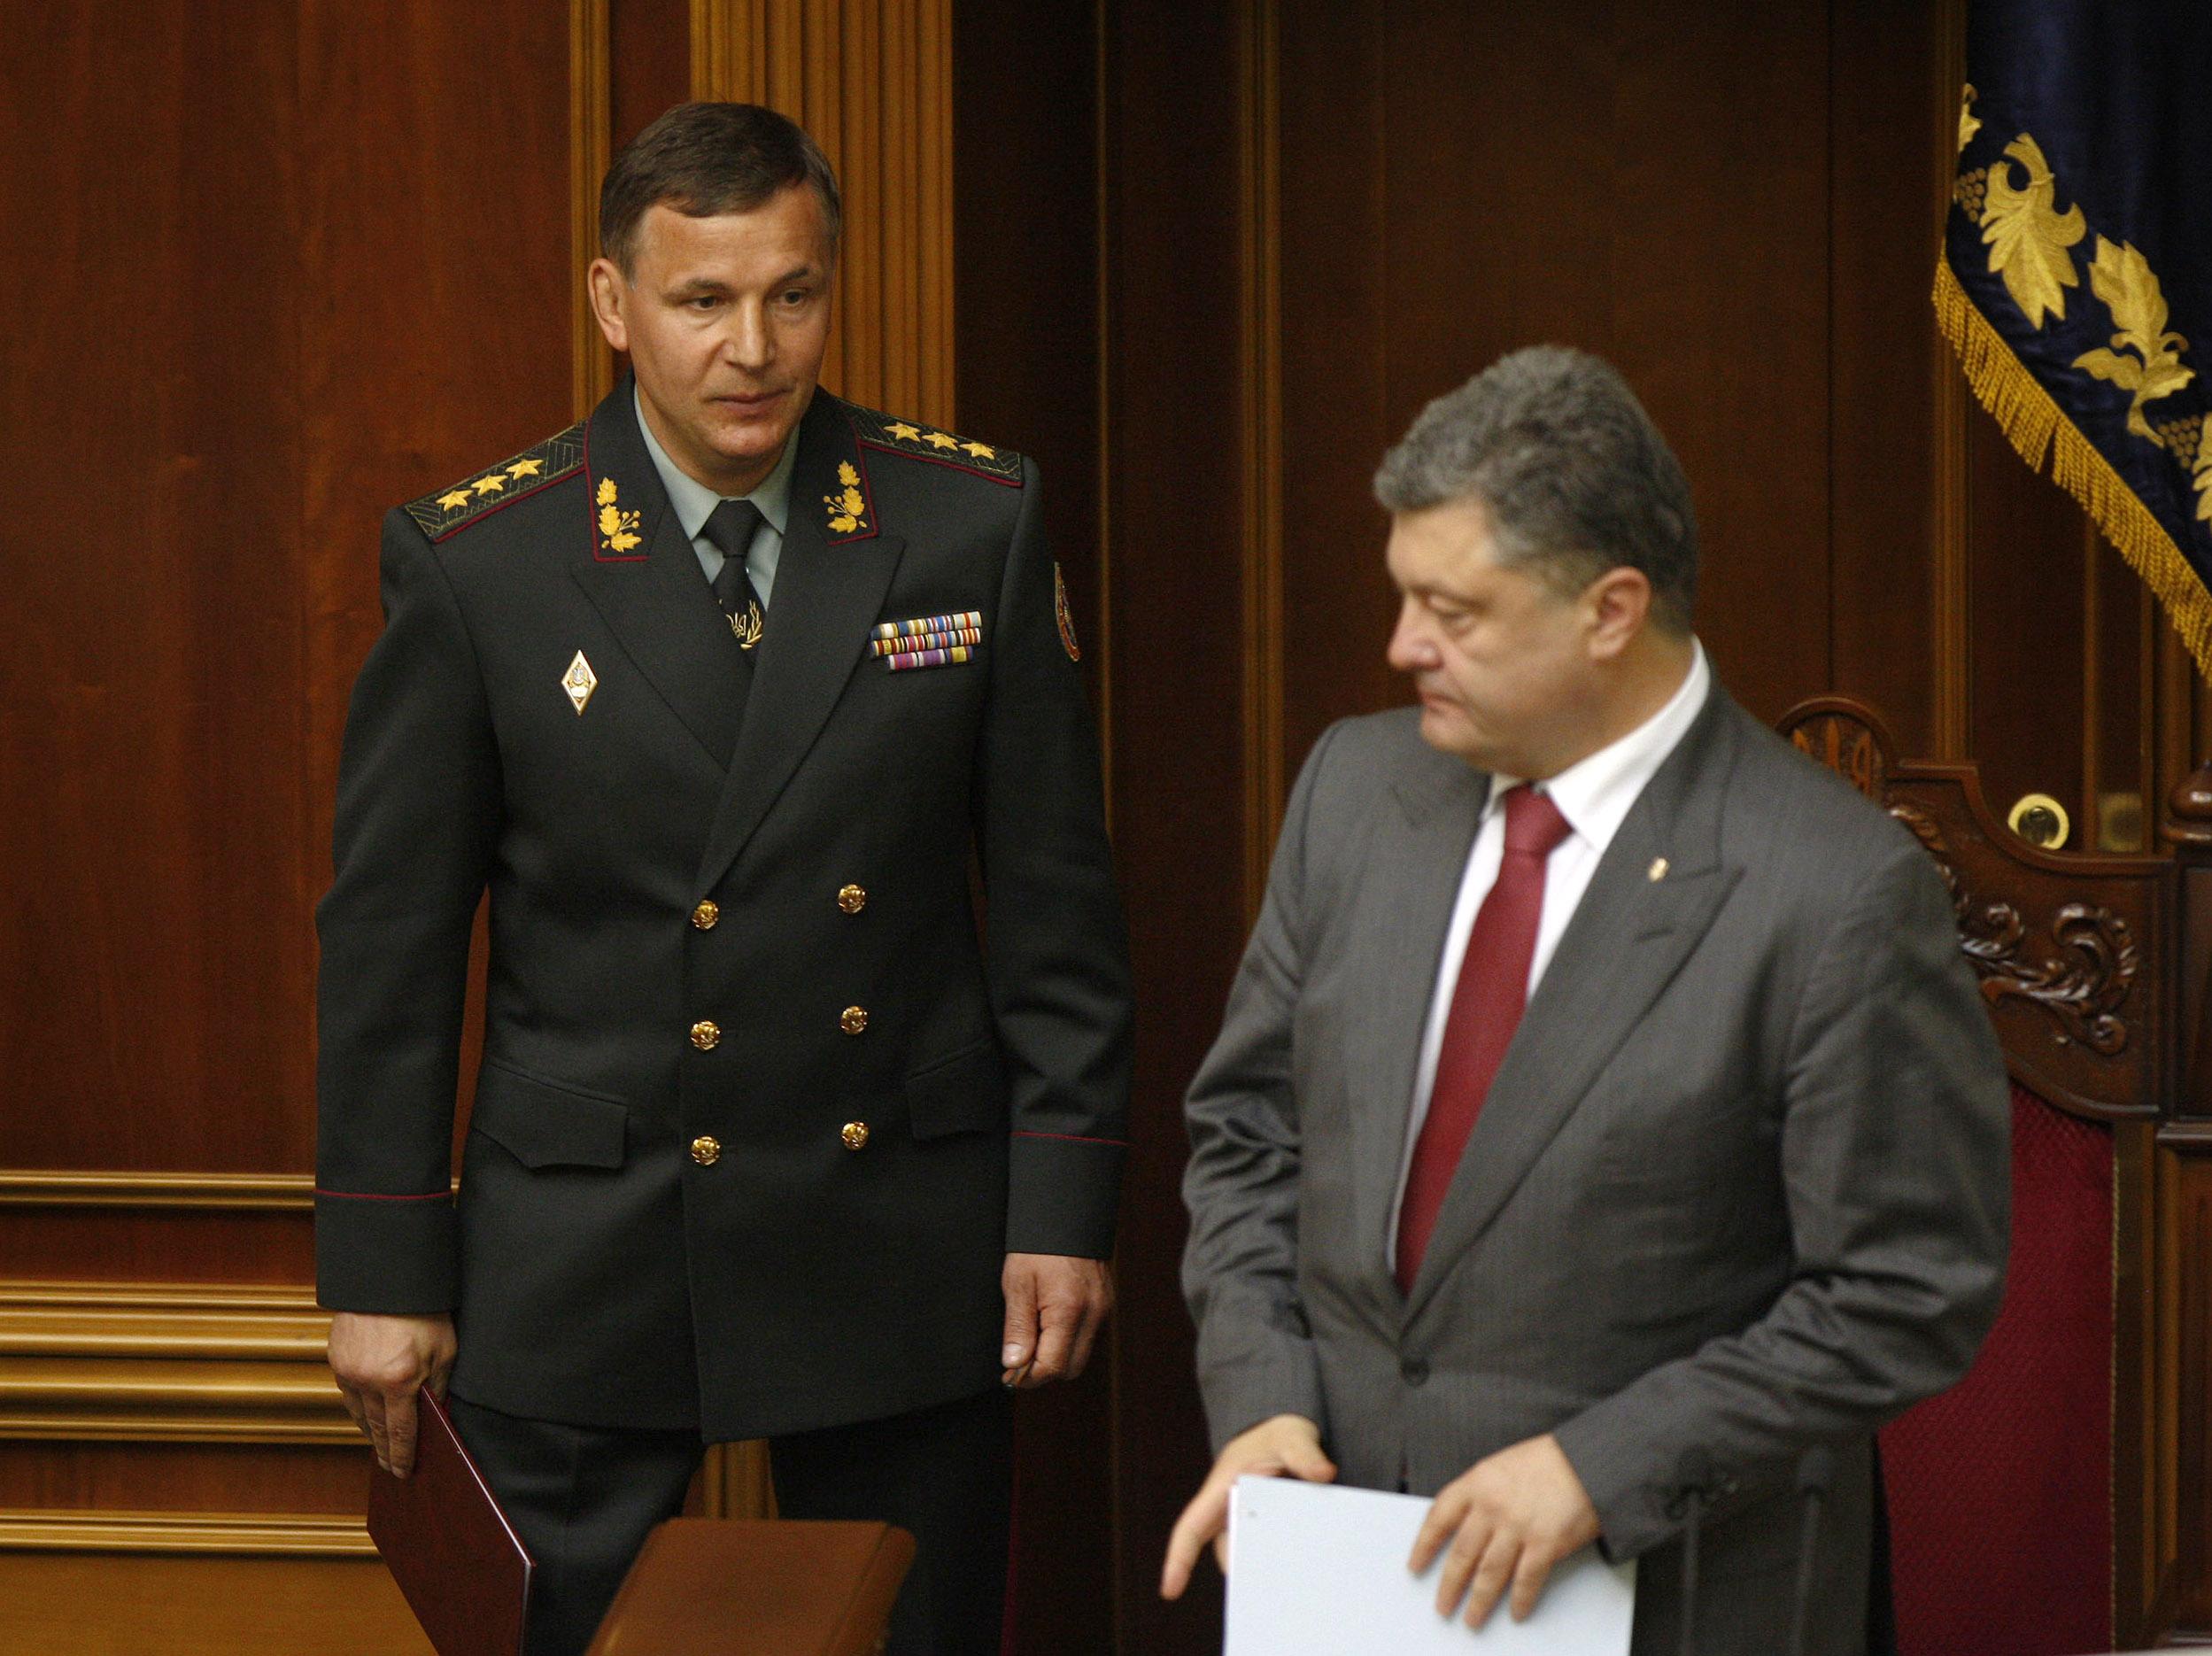 Назначенный министром обороны Украины Валерий Гелетей и президент Украины Петр Порошенко